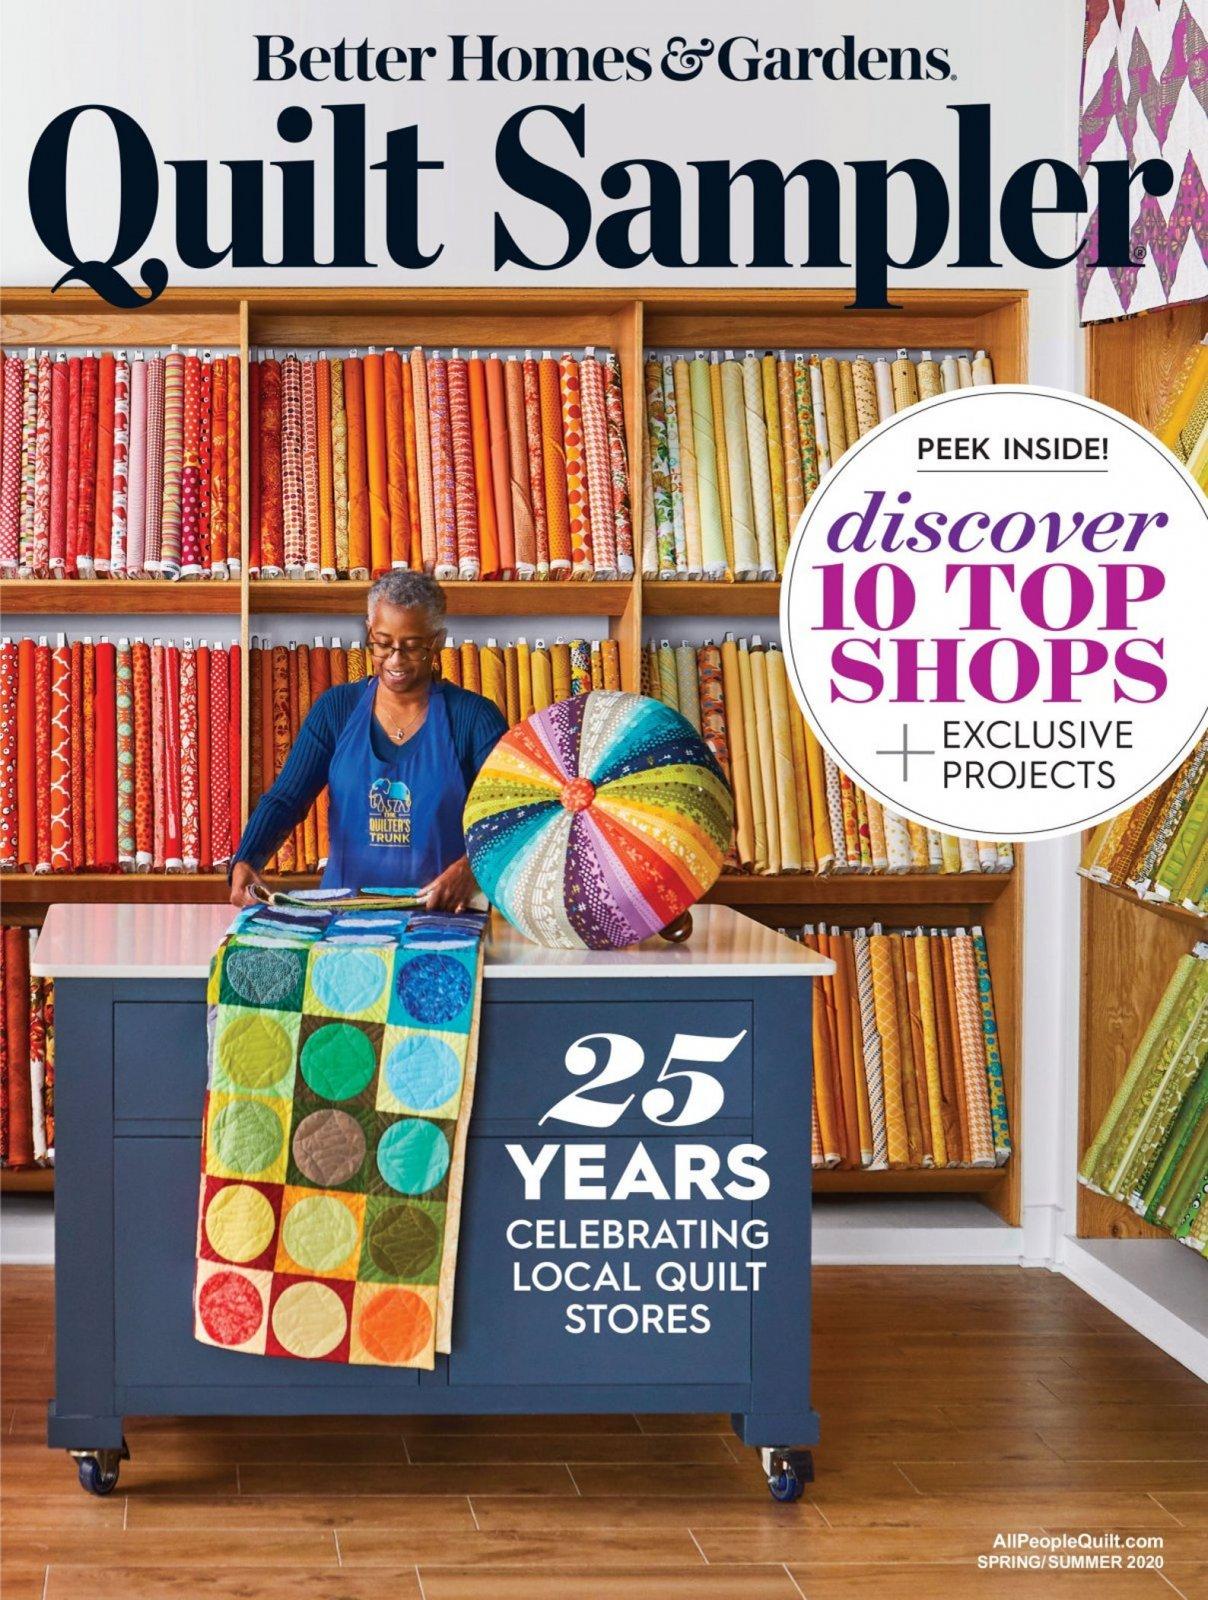 Quilt Sampler SPR/SUM 2020